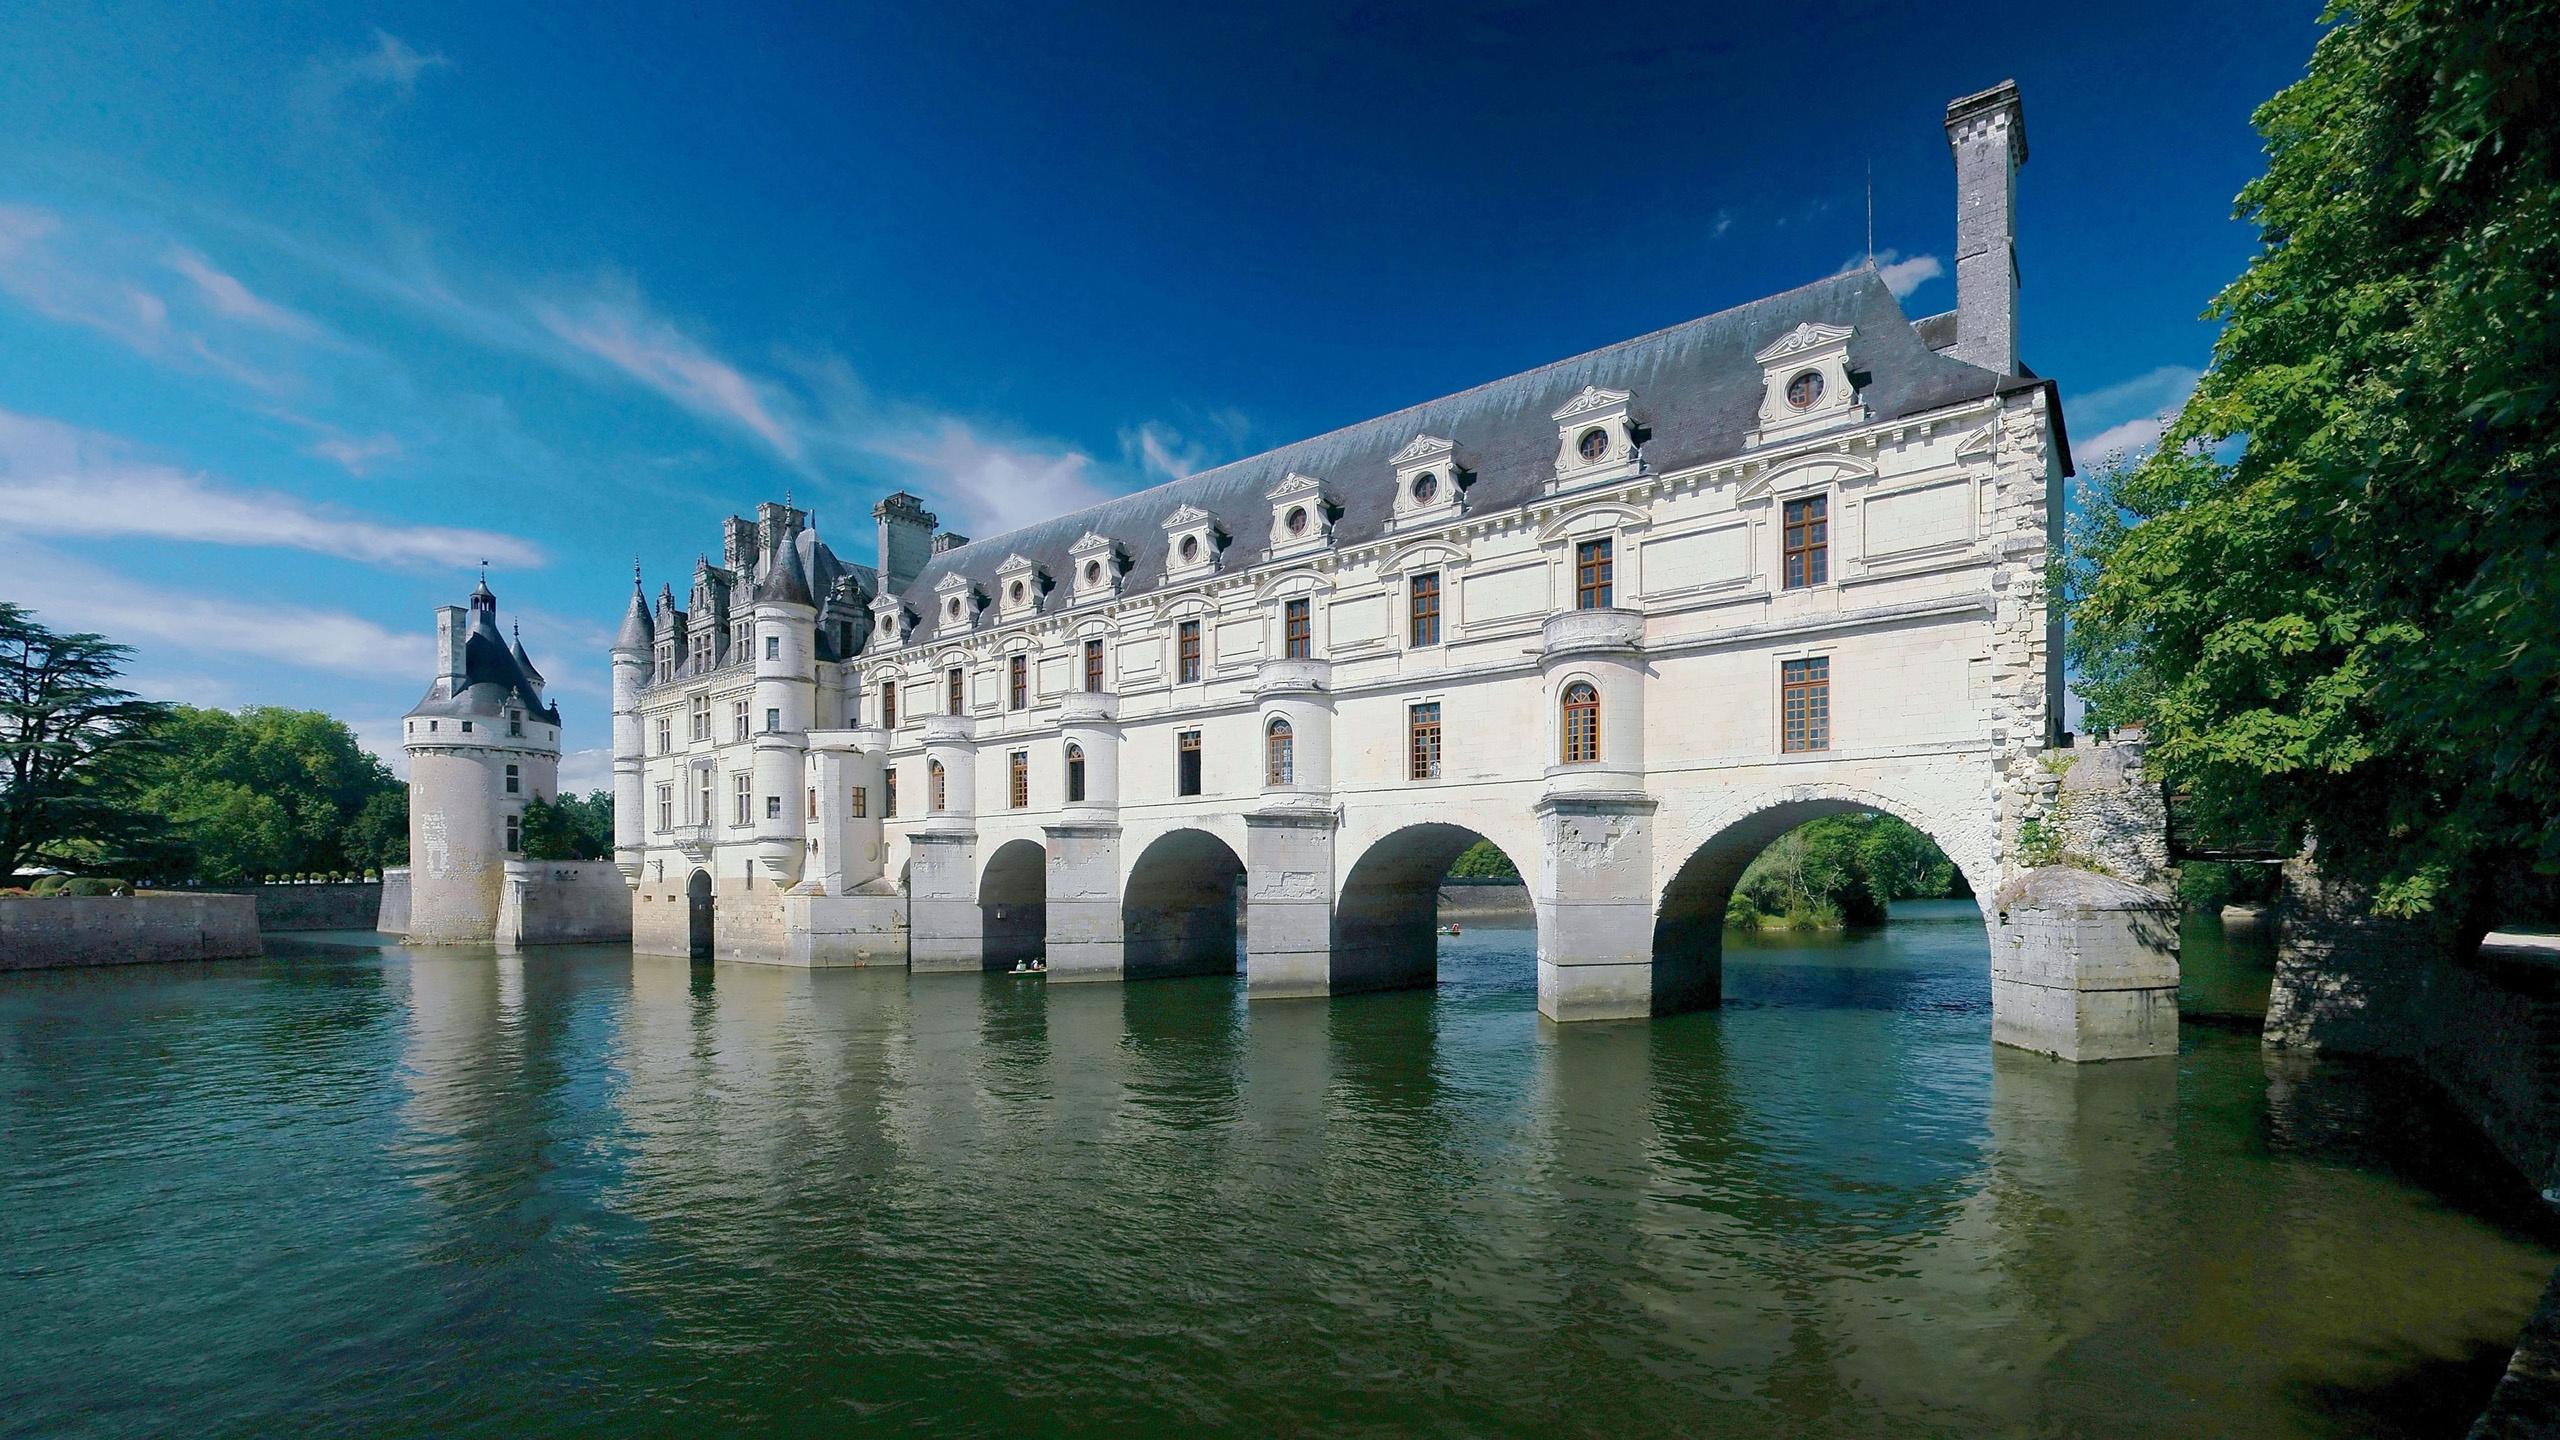 Château de chenonceau l'été la rivière fonds d'écran - 2560x1440